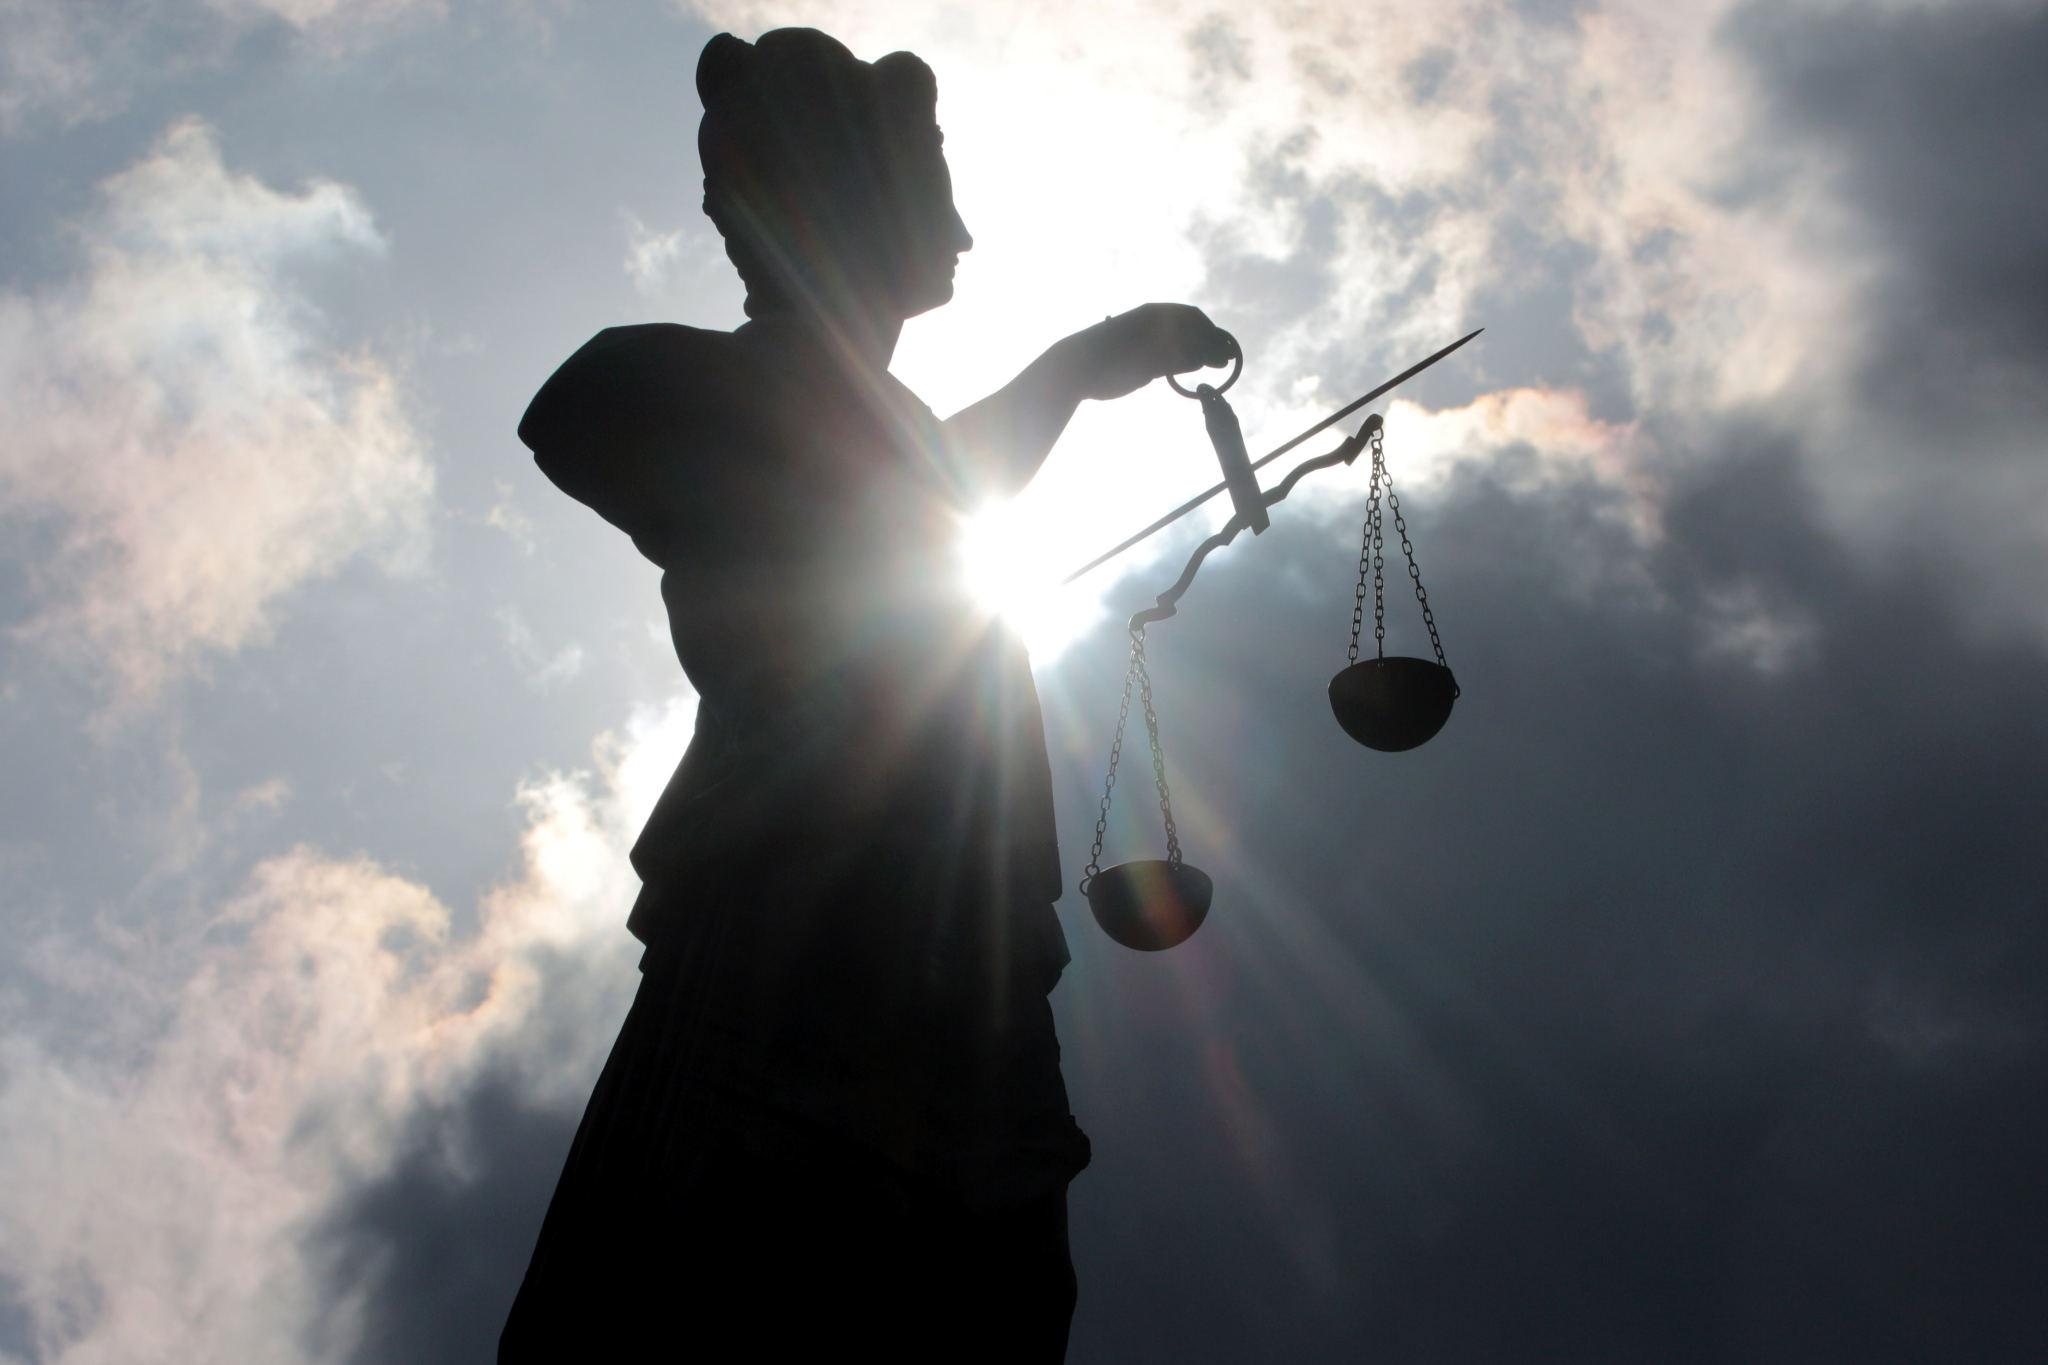 Vorwurf der Korruption: Vergleiche werden angestrebt